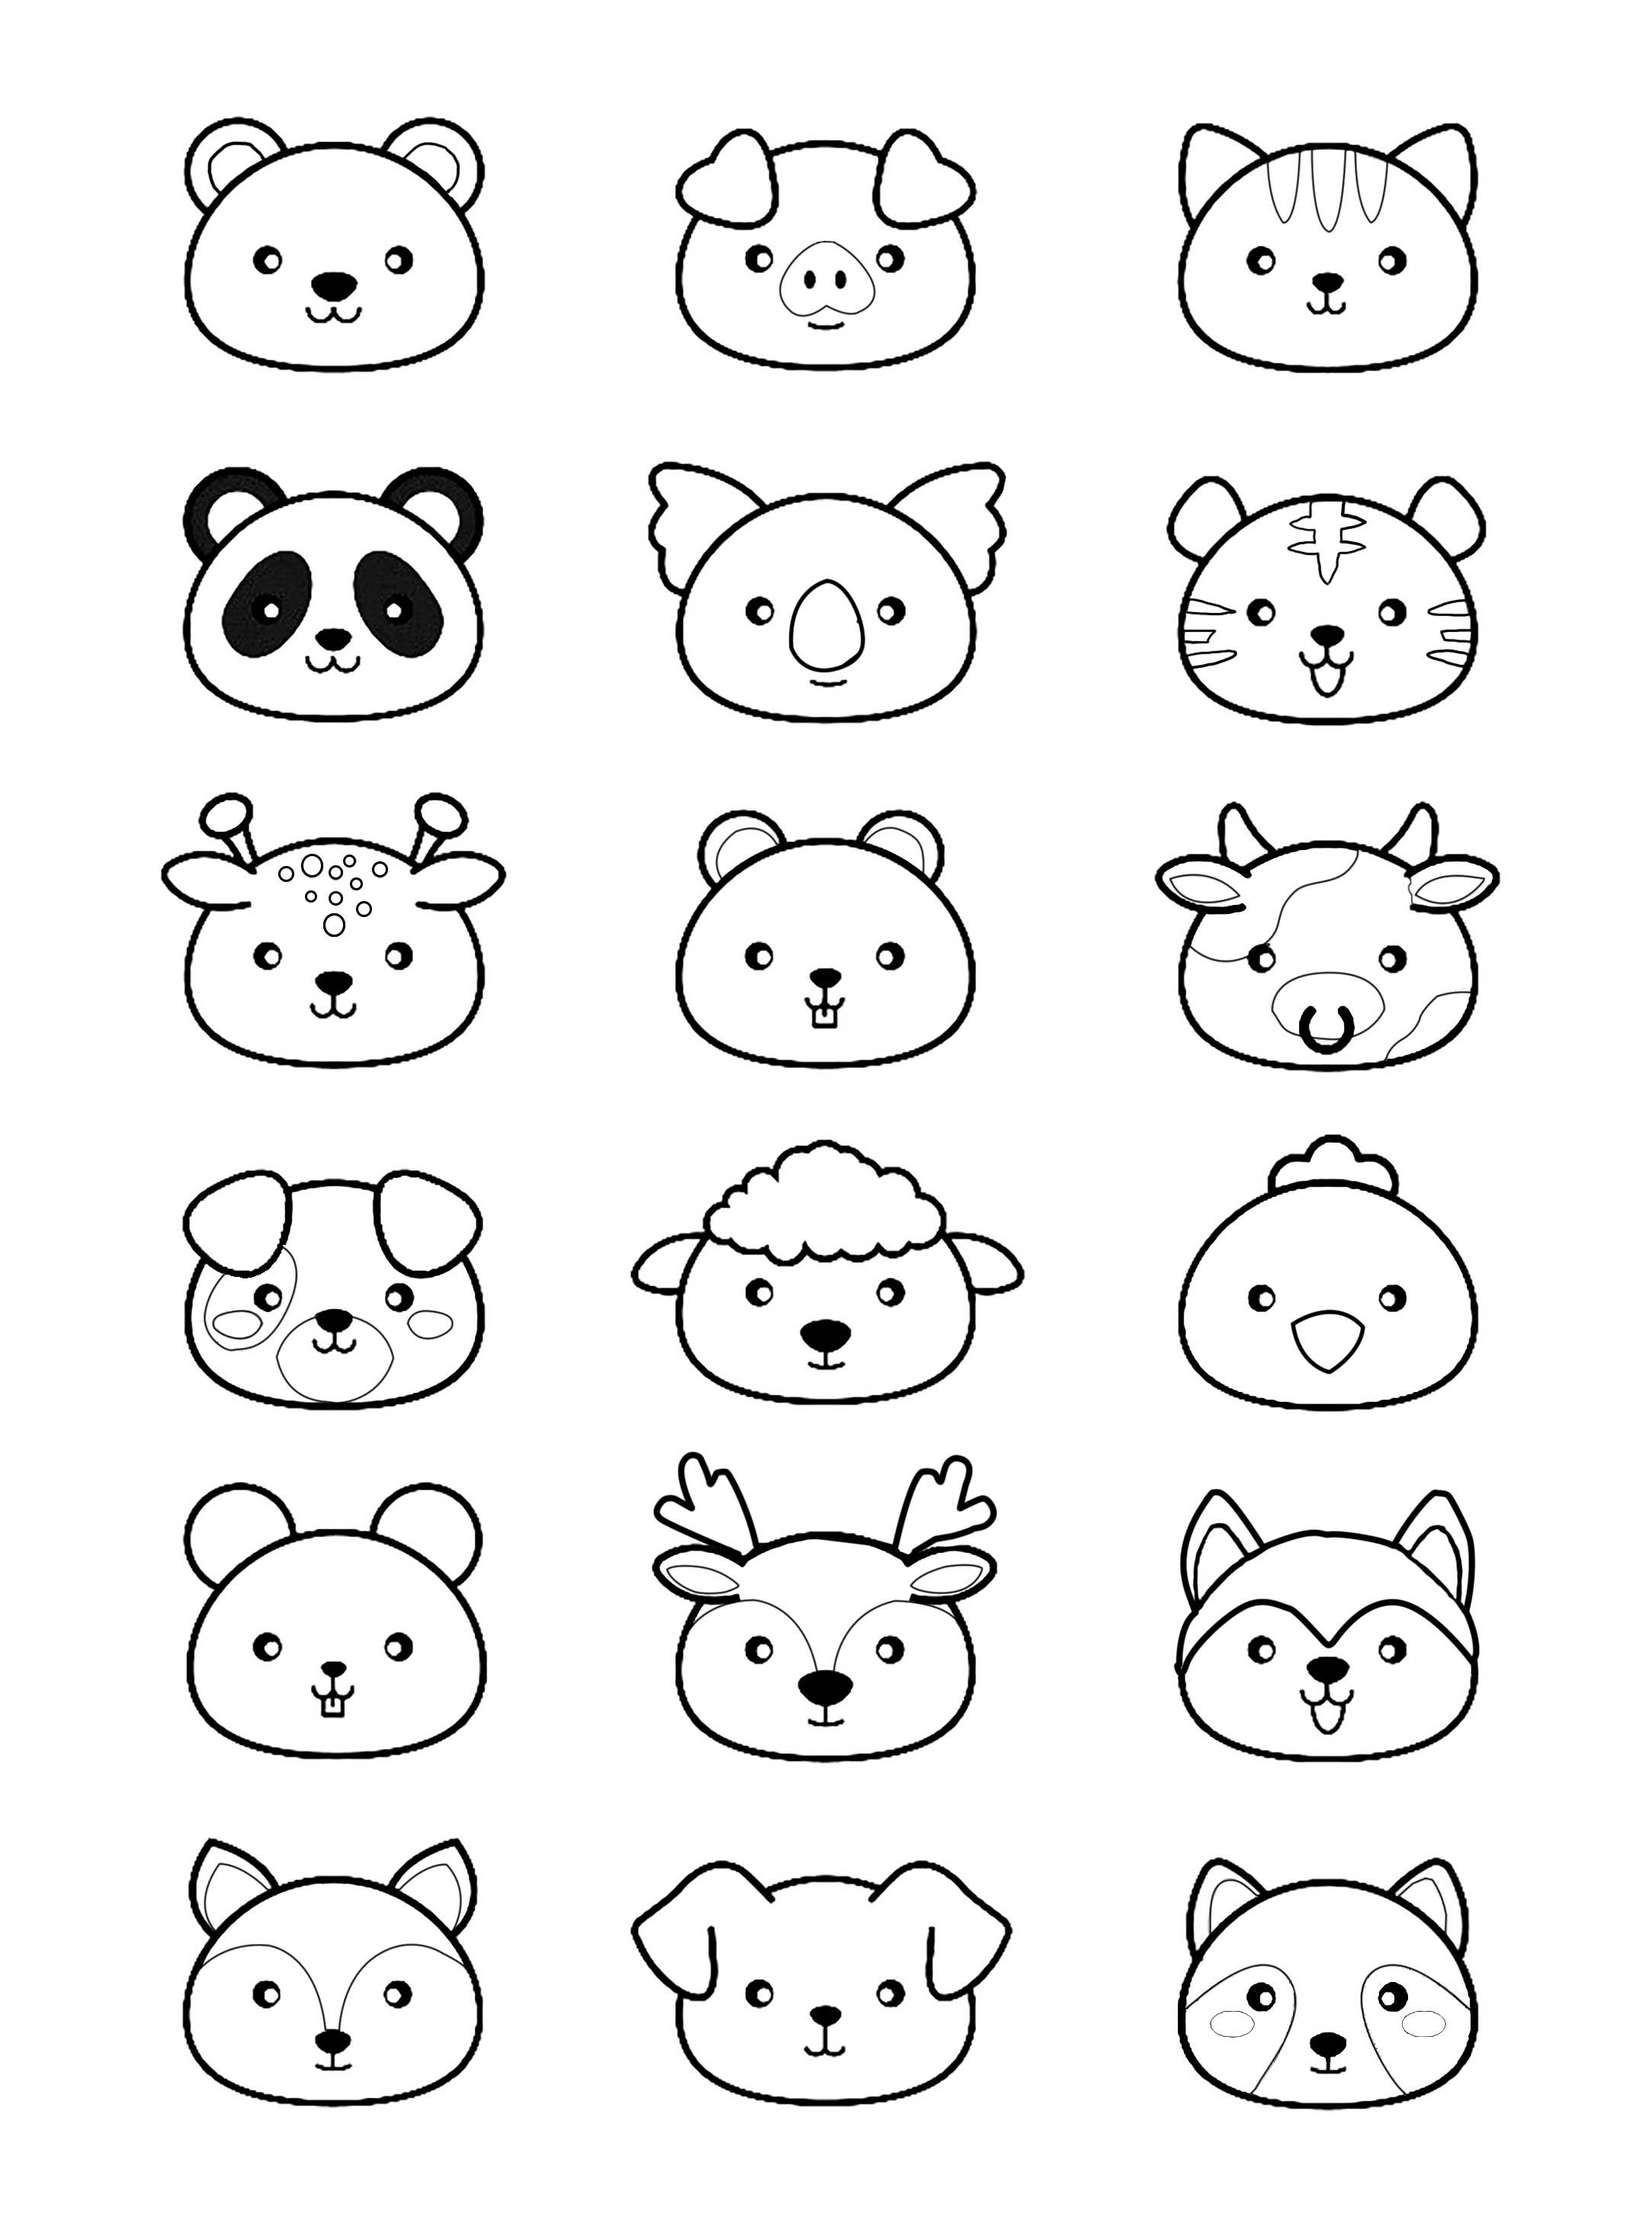 Kawaii animaux coloriage kawaii coloriages pour enfants - Dessin de tous les animaux ...